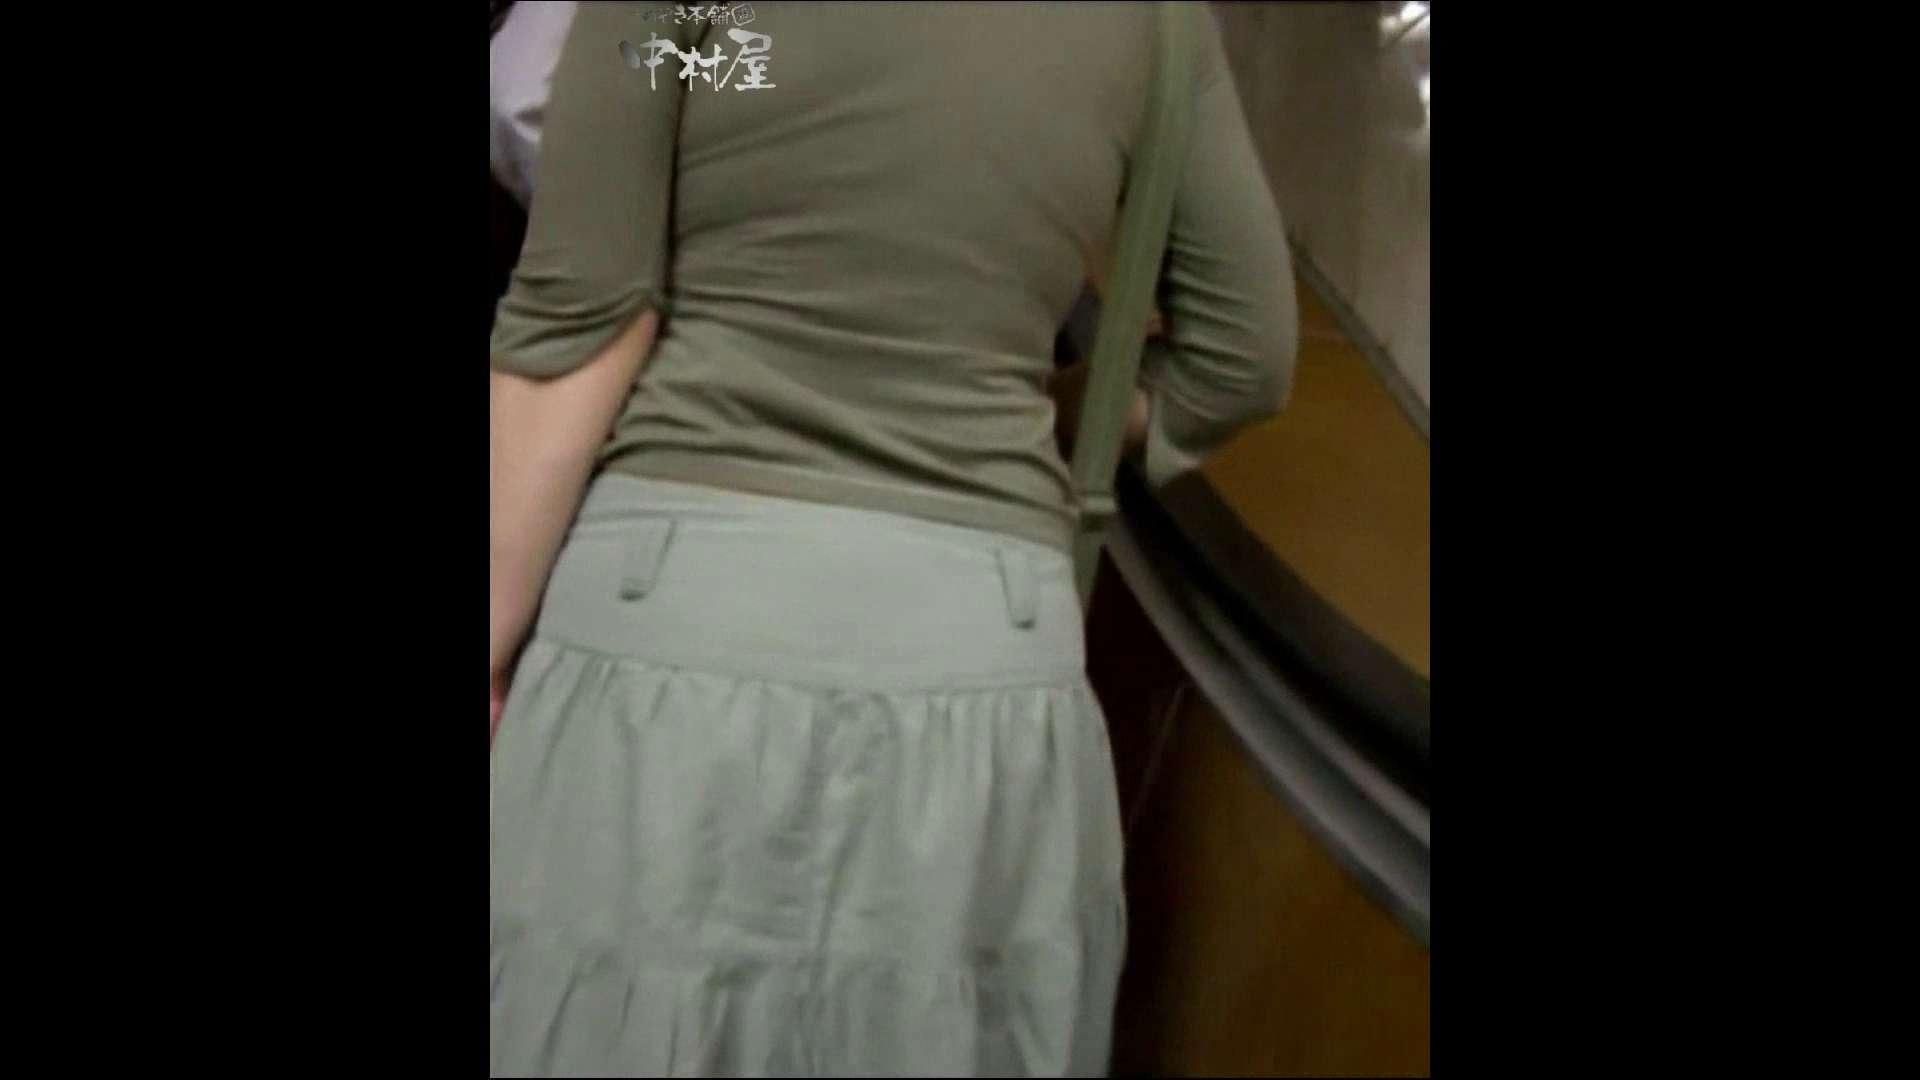 綺麗なモデルさんのスカート捲っちゃおう‼ vol17 お姉さんのエロ動画  94PIX 80